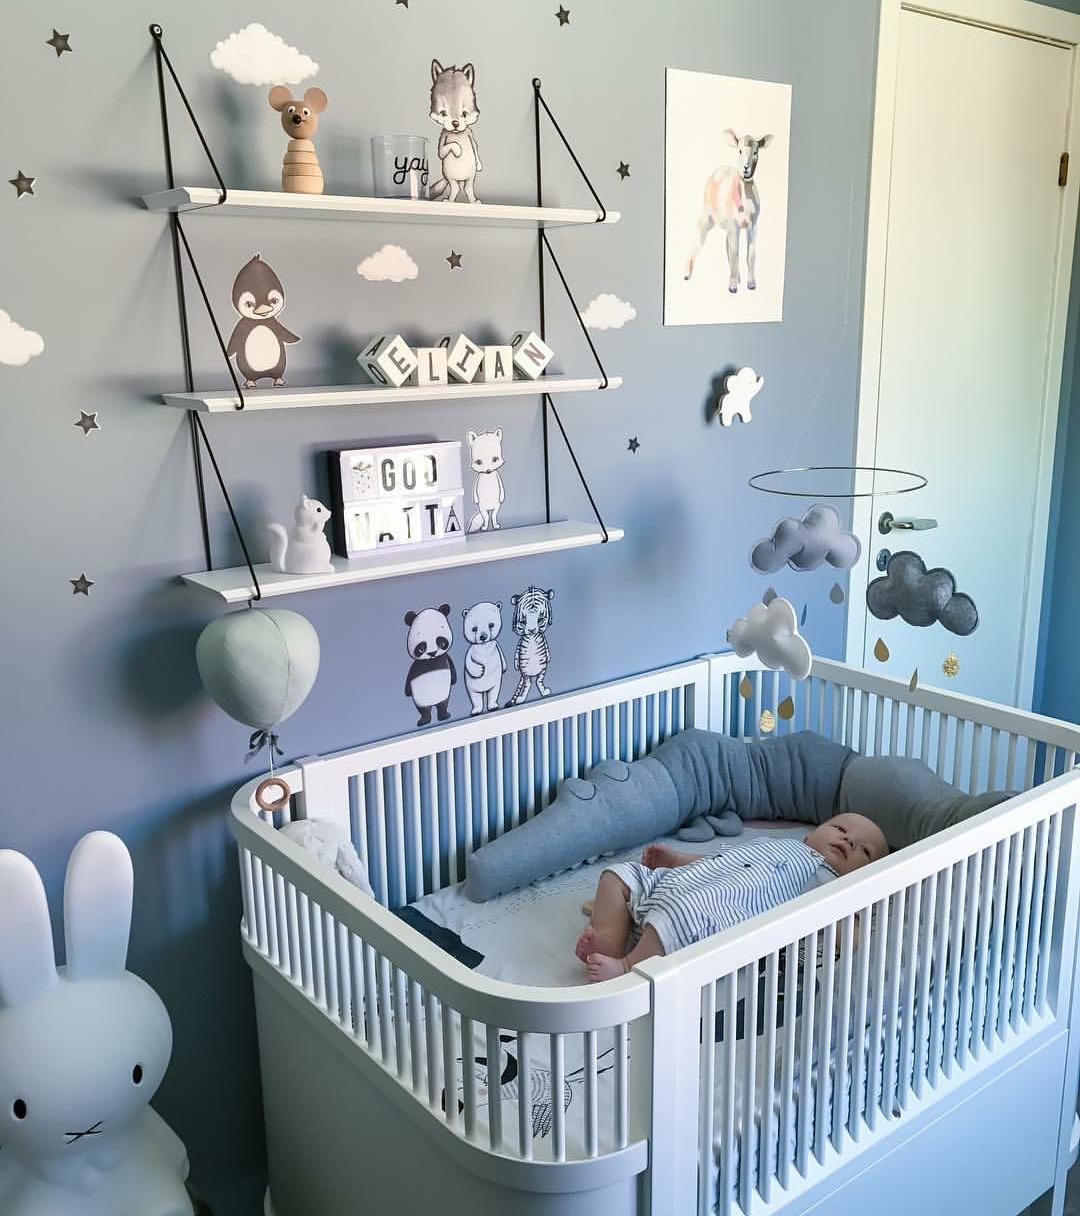 Épinglé sur Chambre bébé